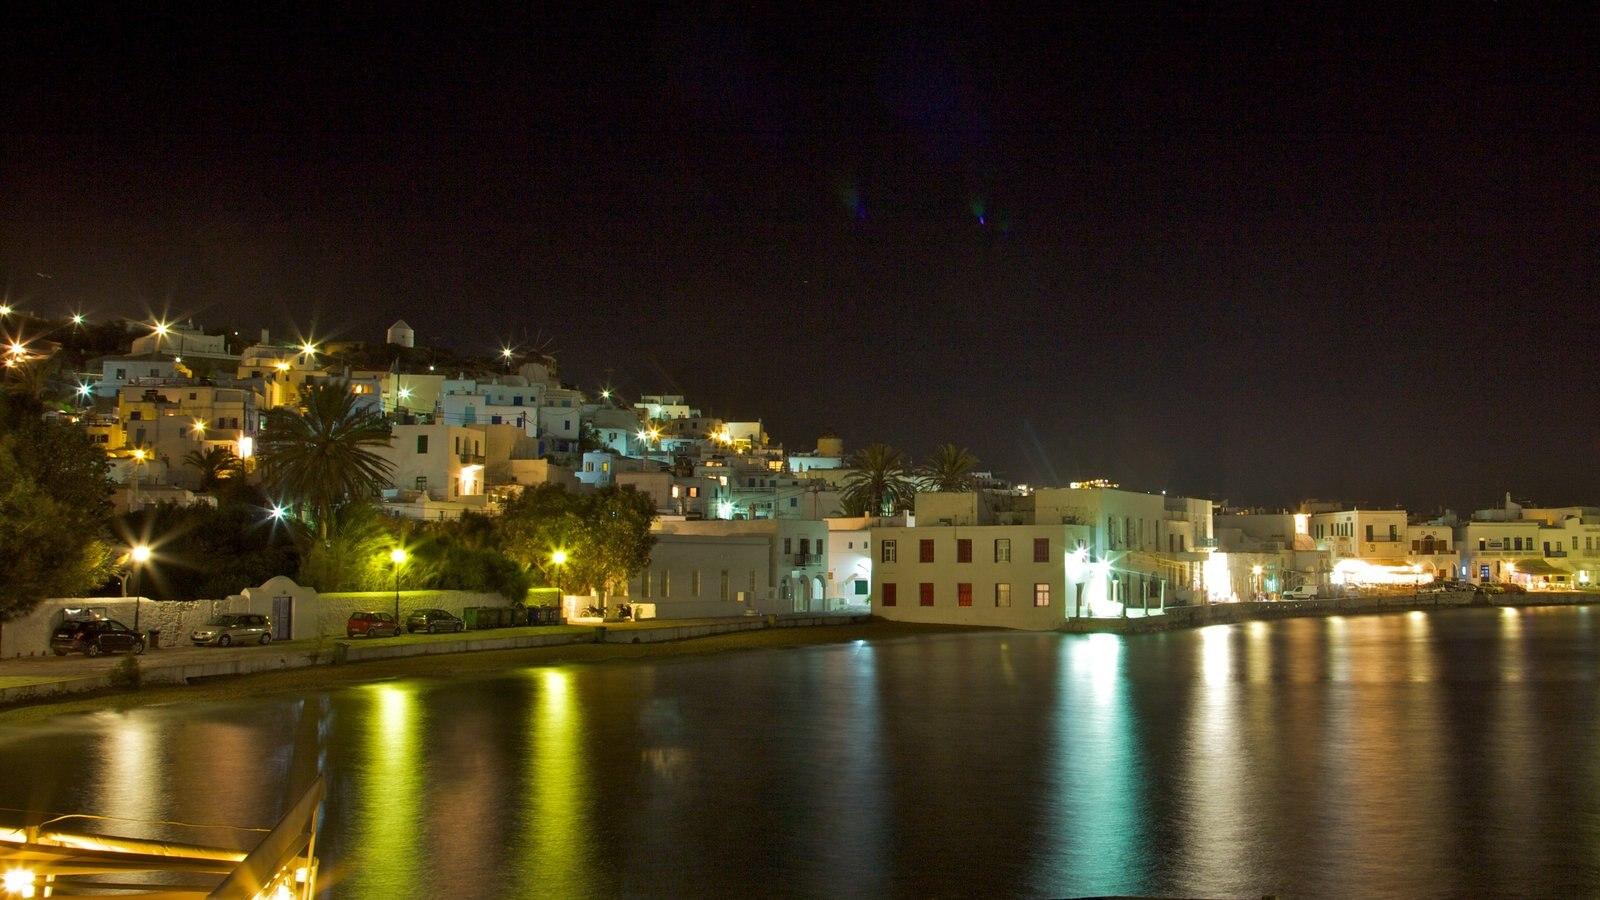 Mykonos Town mostrando uma cidade litorânea, cenas noturnas e uma baía ou porto